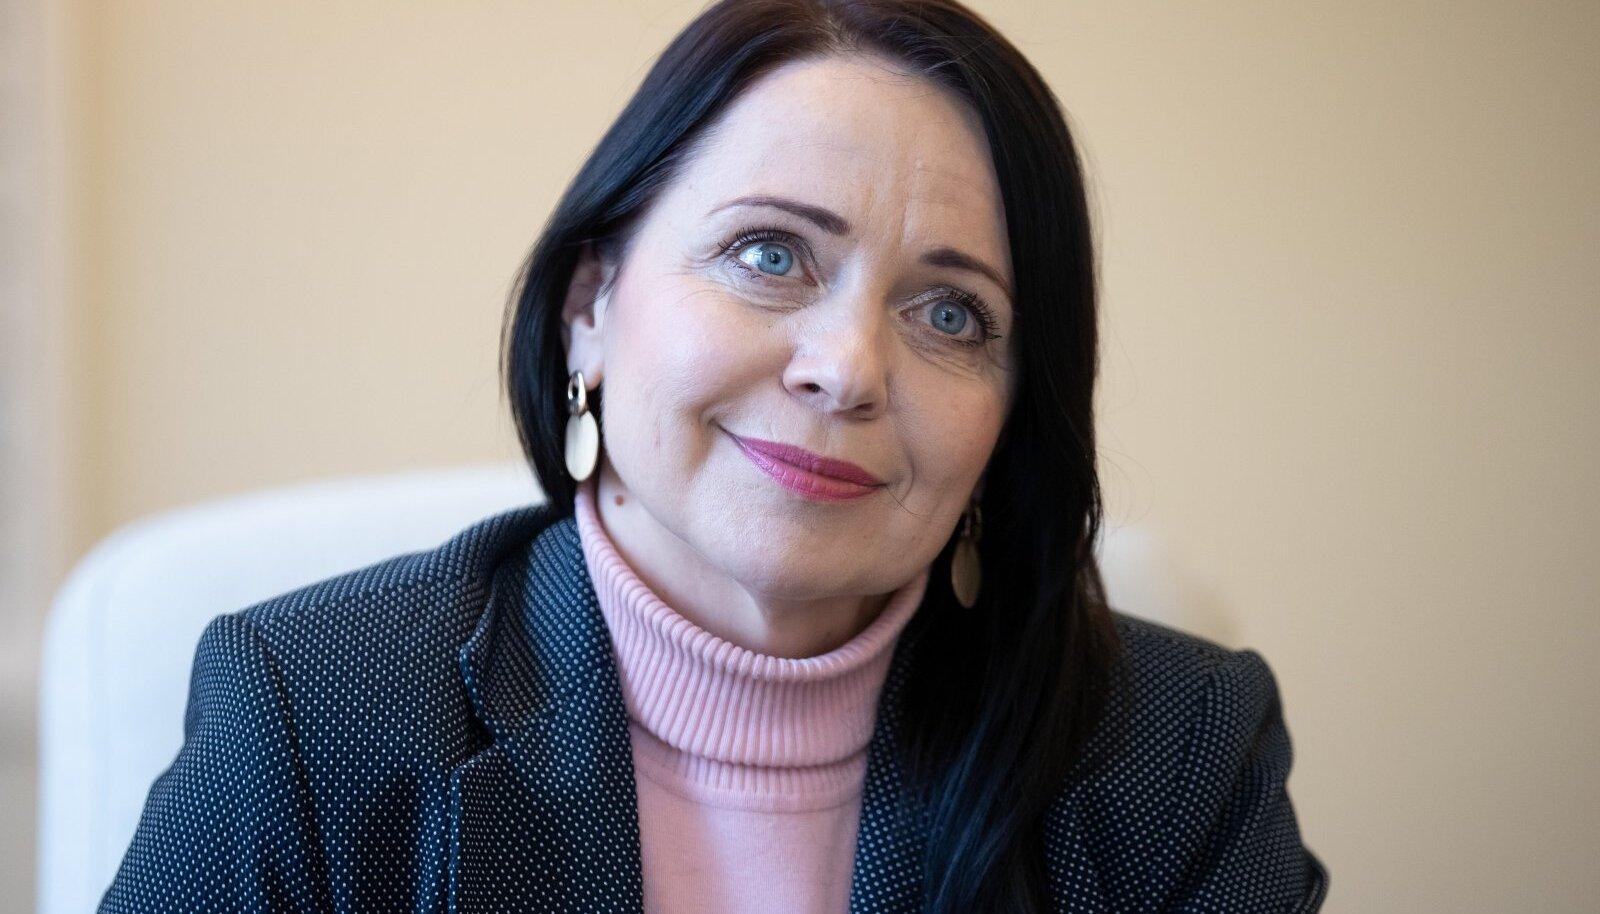 Eesti Vabariigi kultuuriminister Anneli Ott